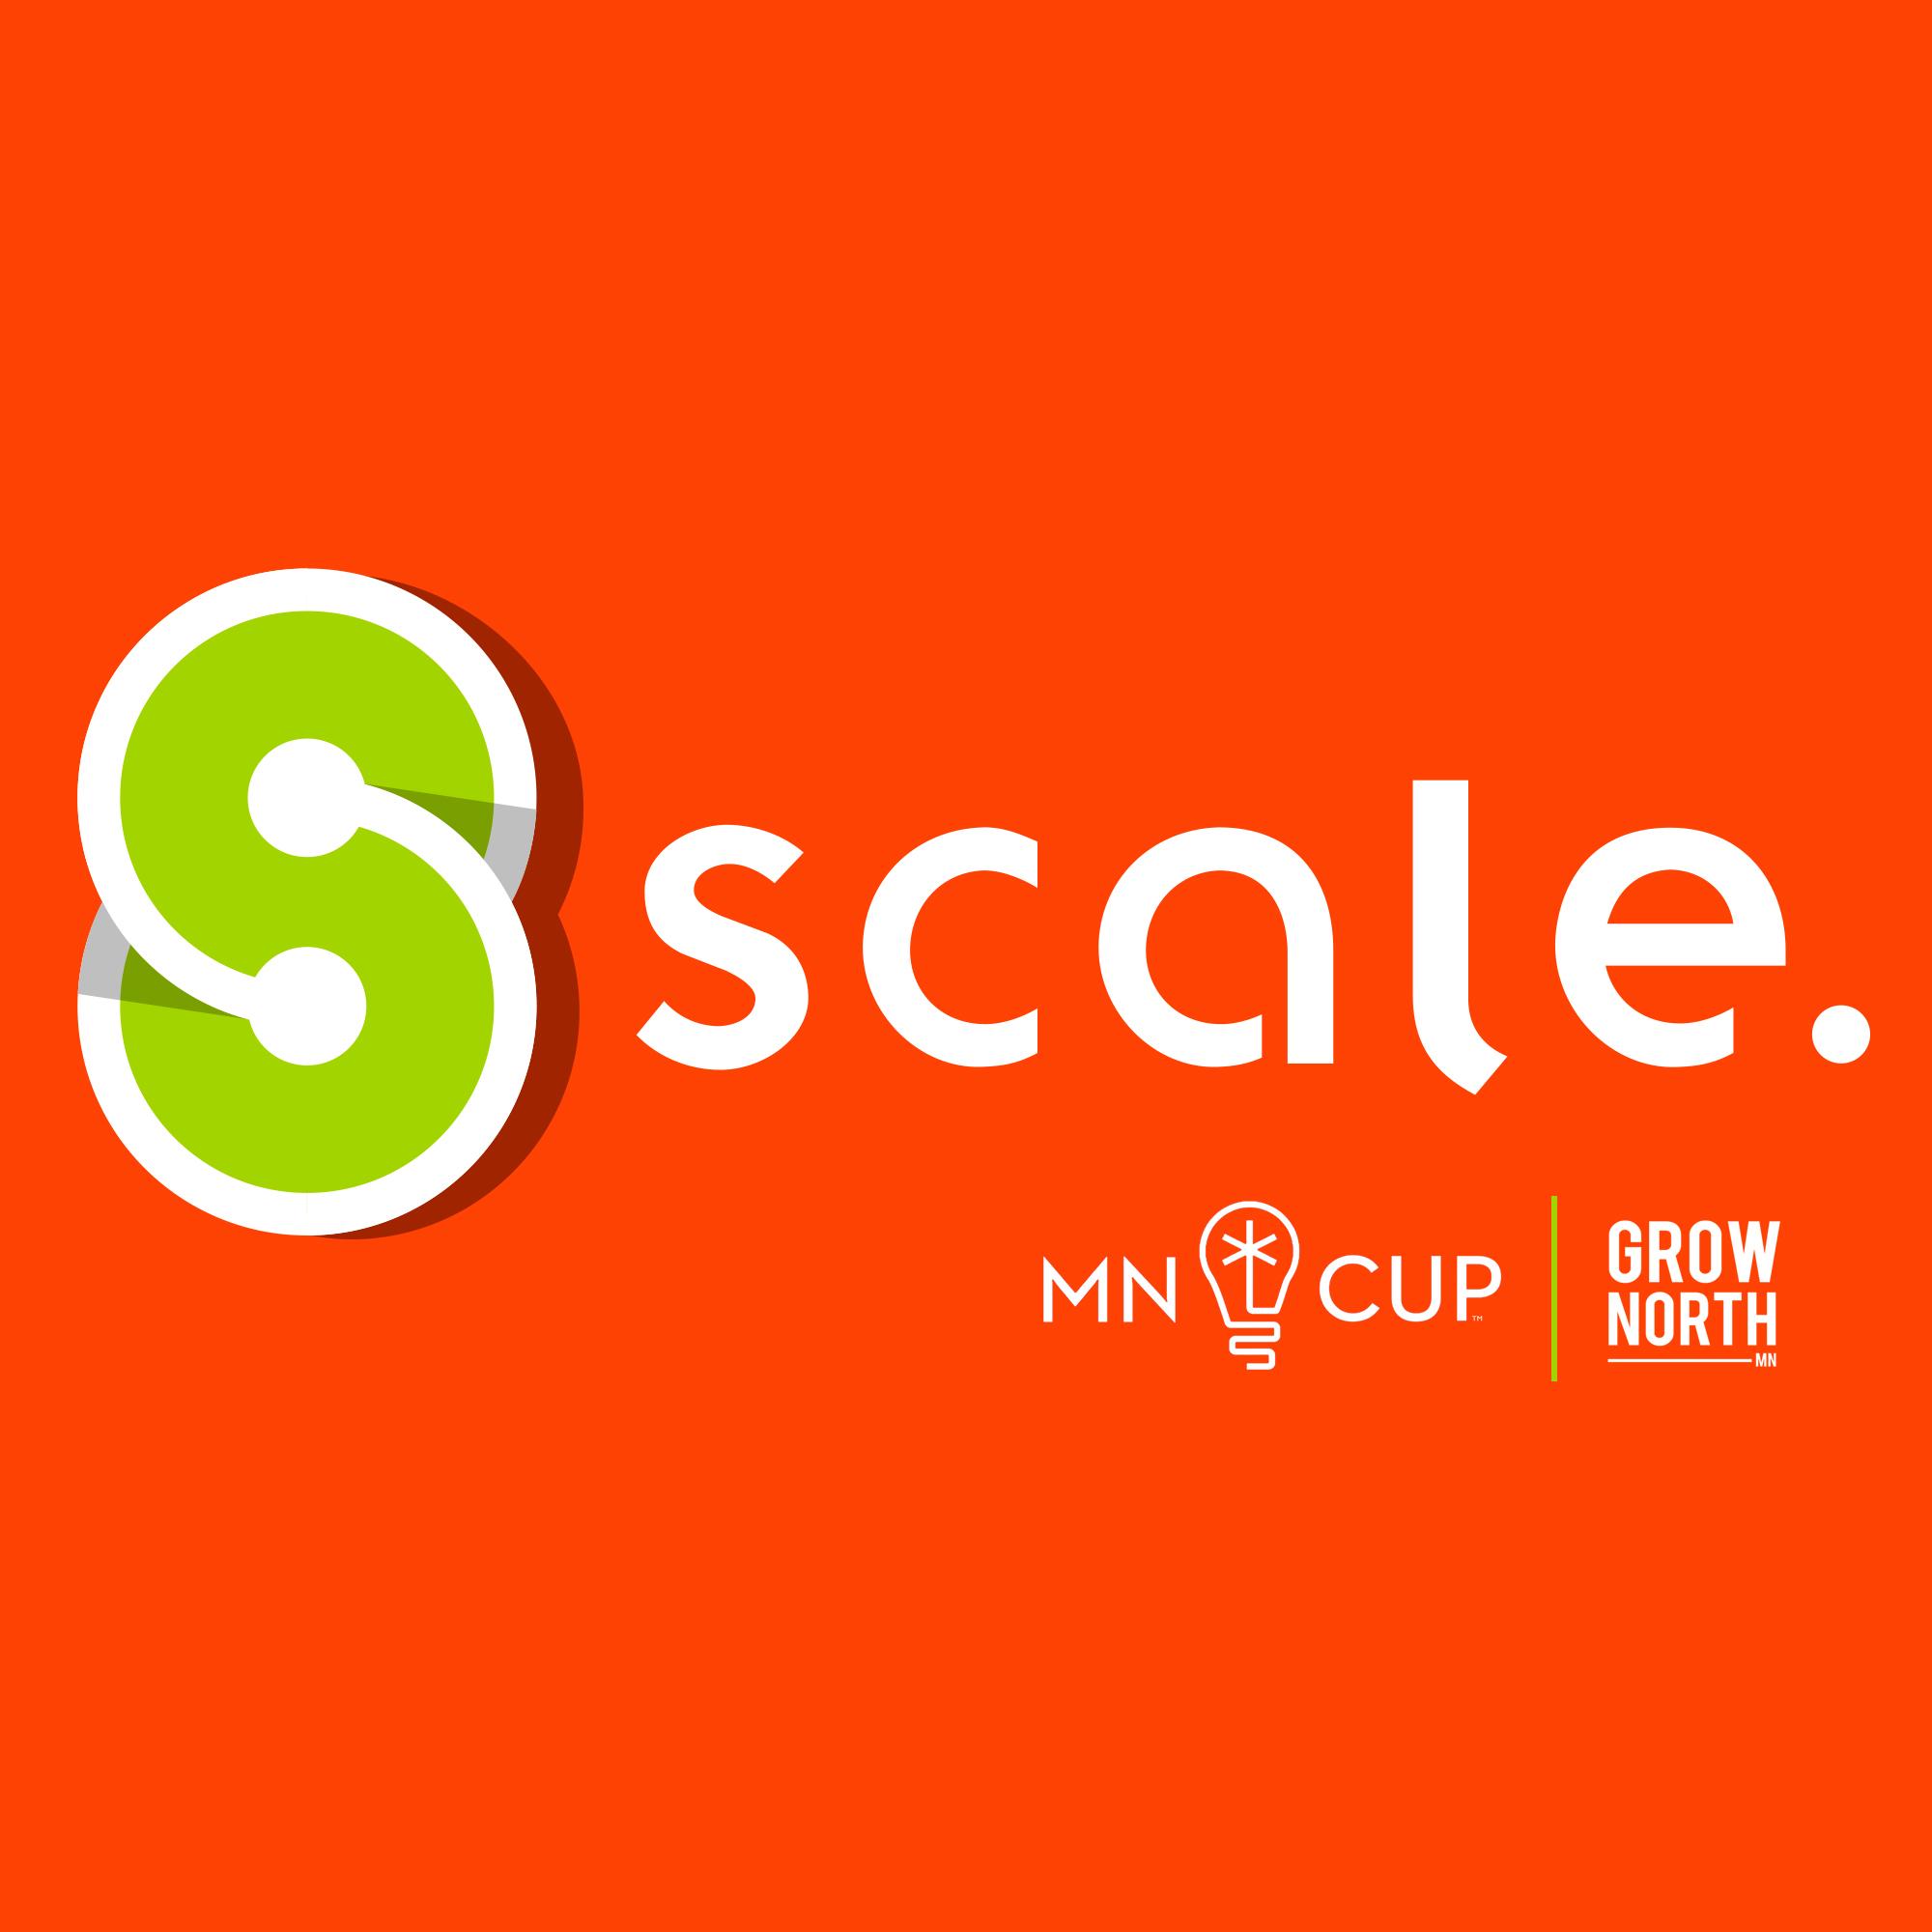 Scale logo on orange